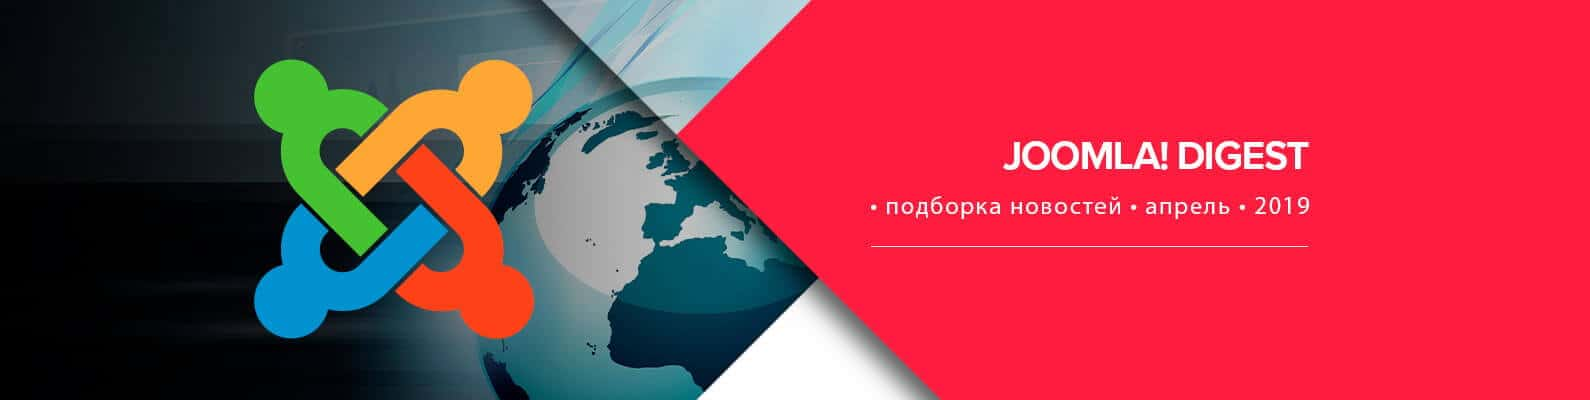 Дайджест Joomla за апрель 2019